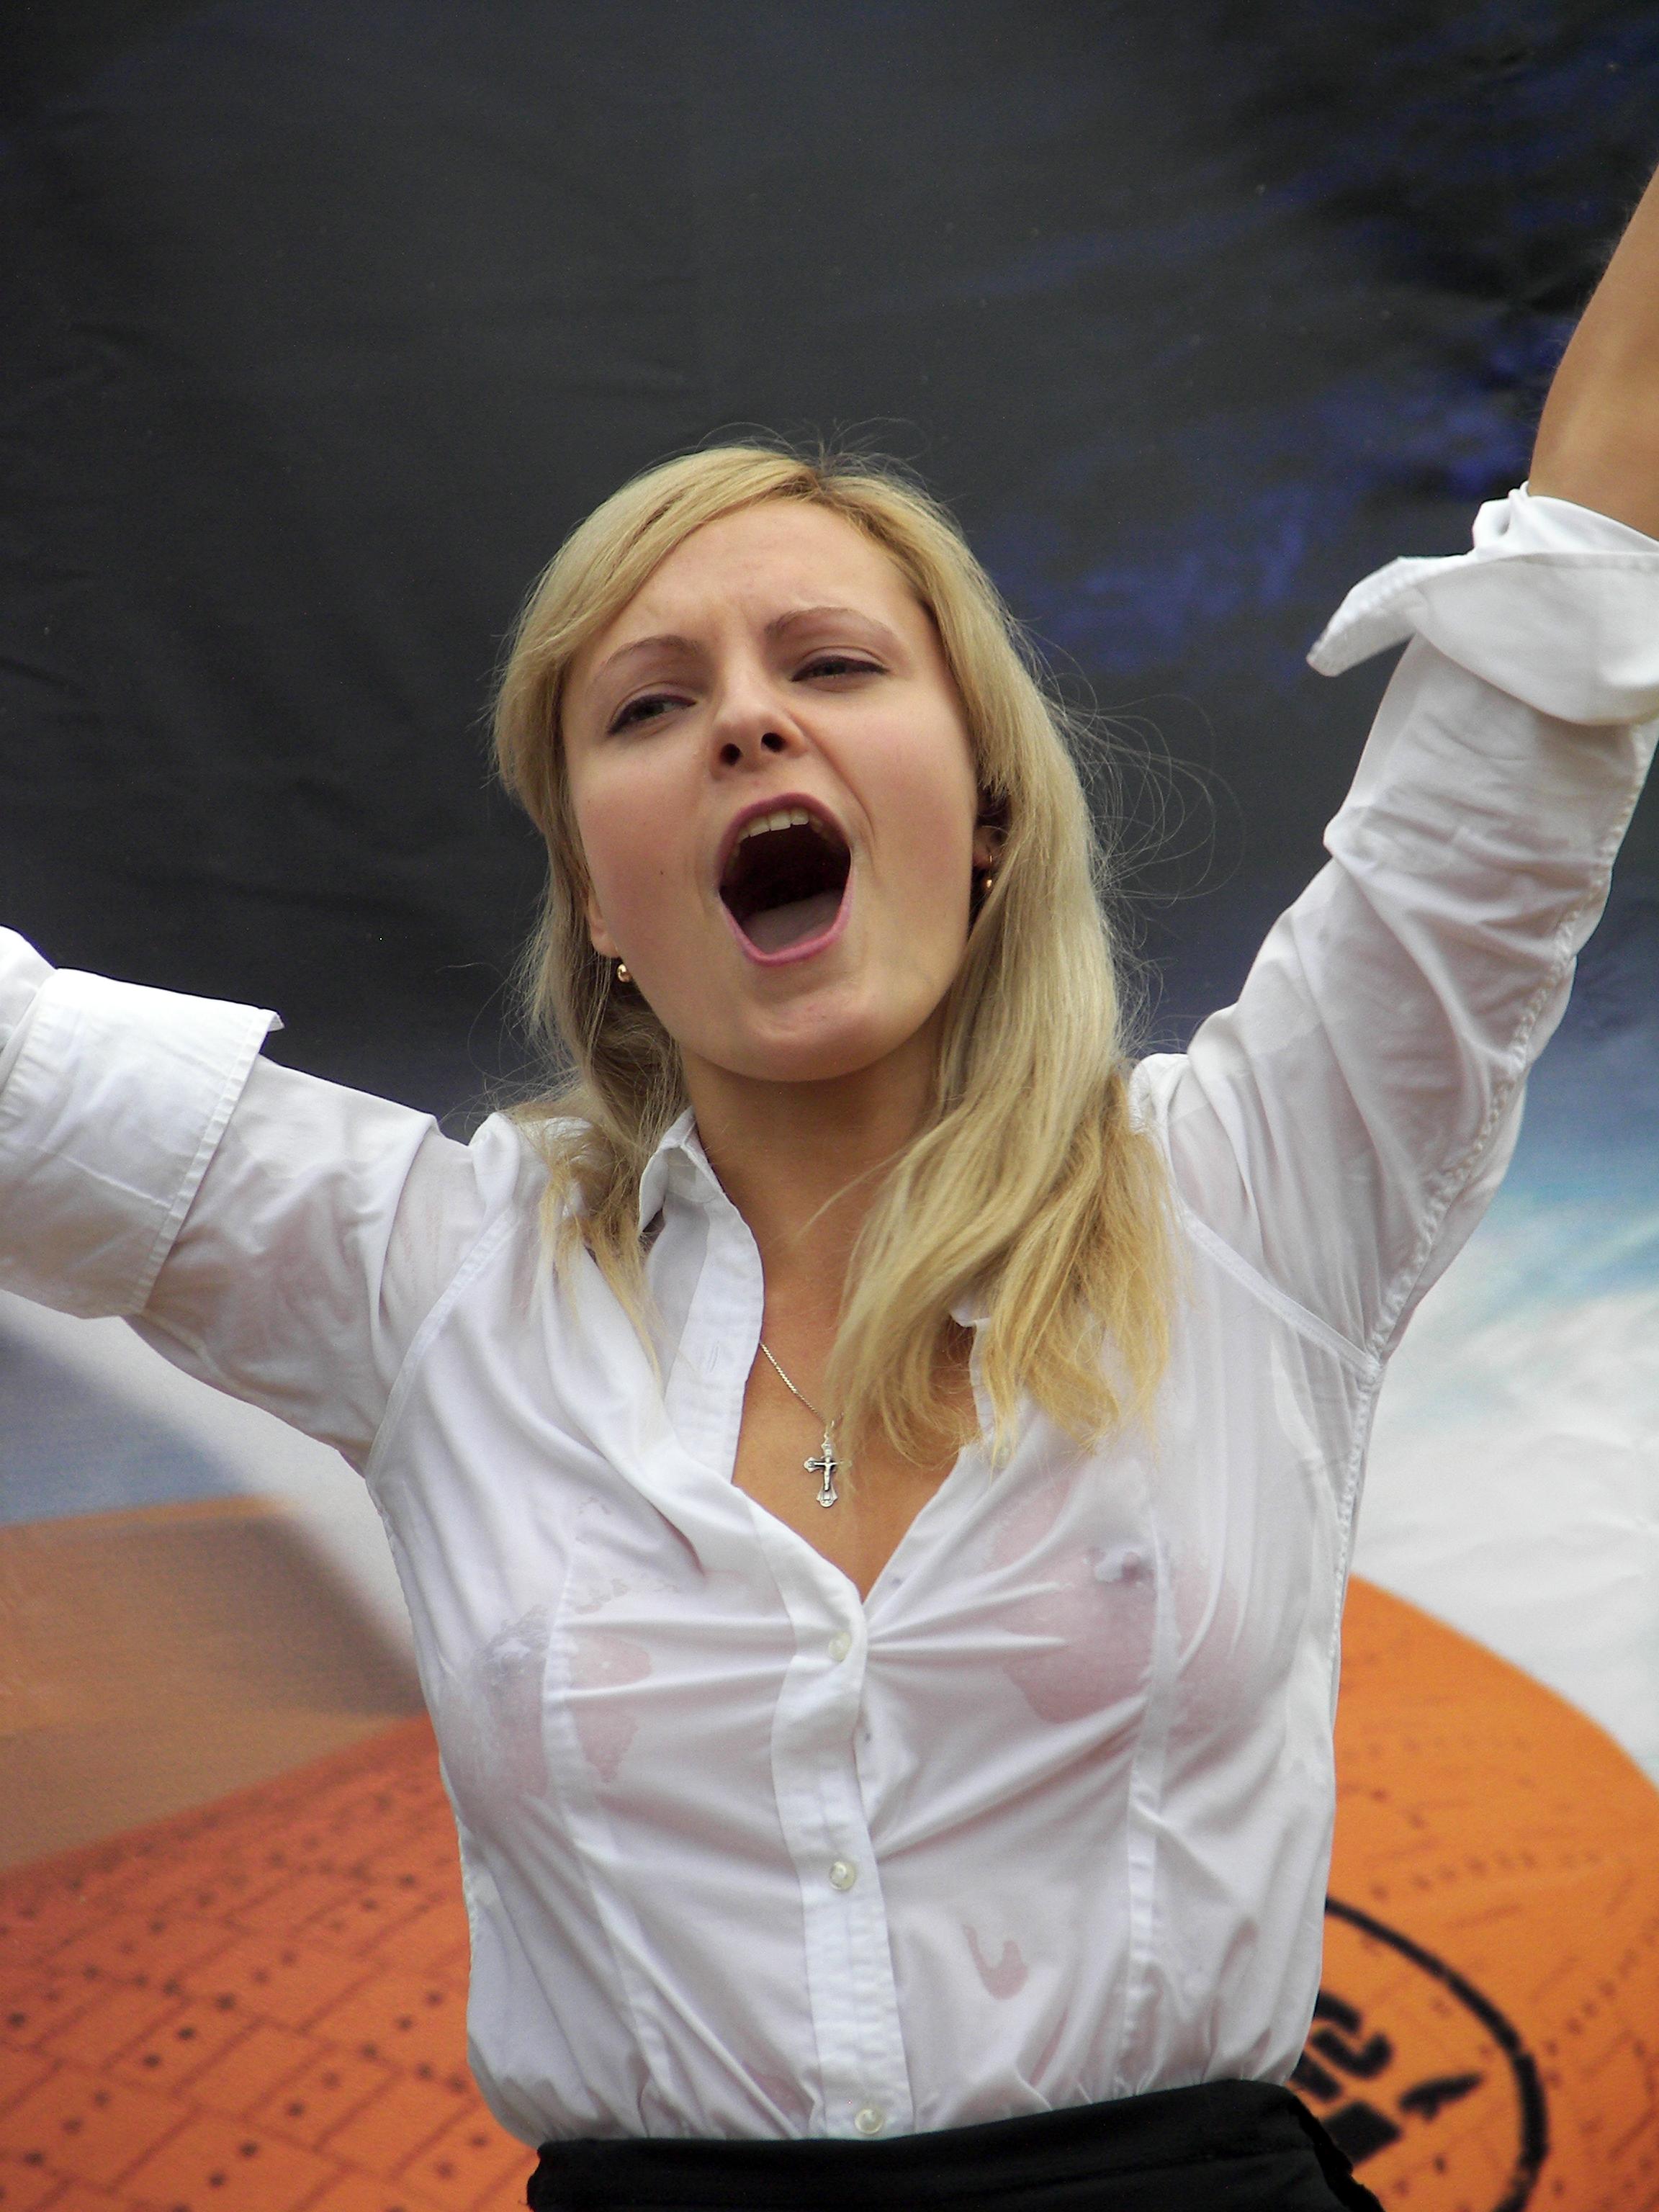 Фото девушки на конкурсе мокрых маек